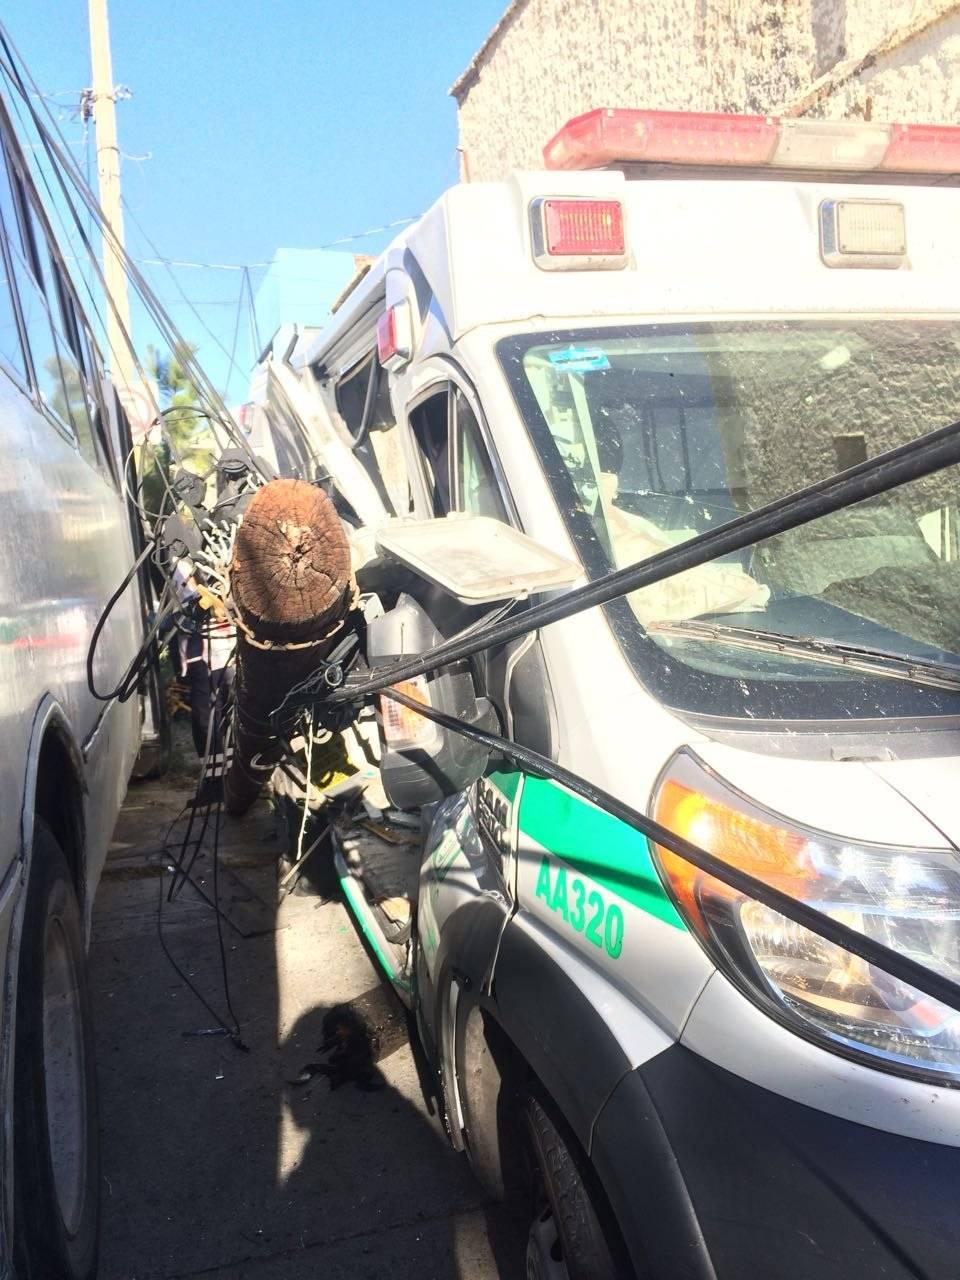 Se informó que el camión no respetó el paso de la ambulancia que llevaba los códigos encendidos. FOTO: Cortesía